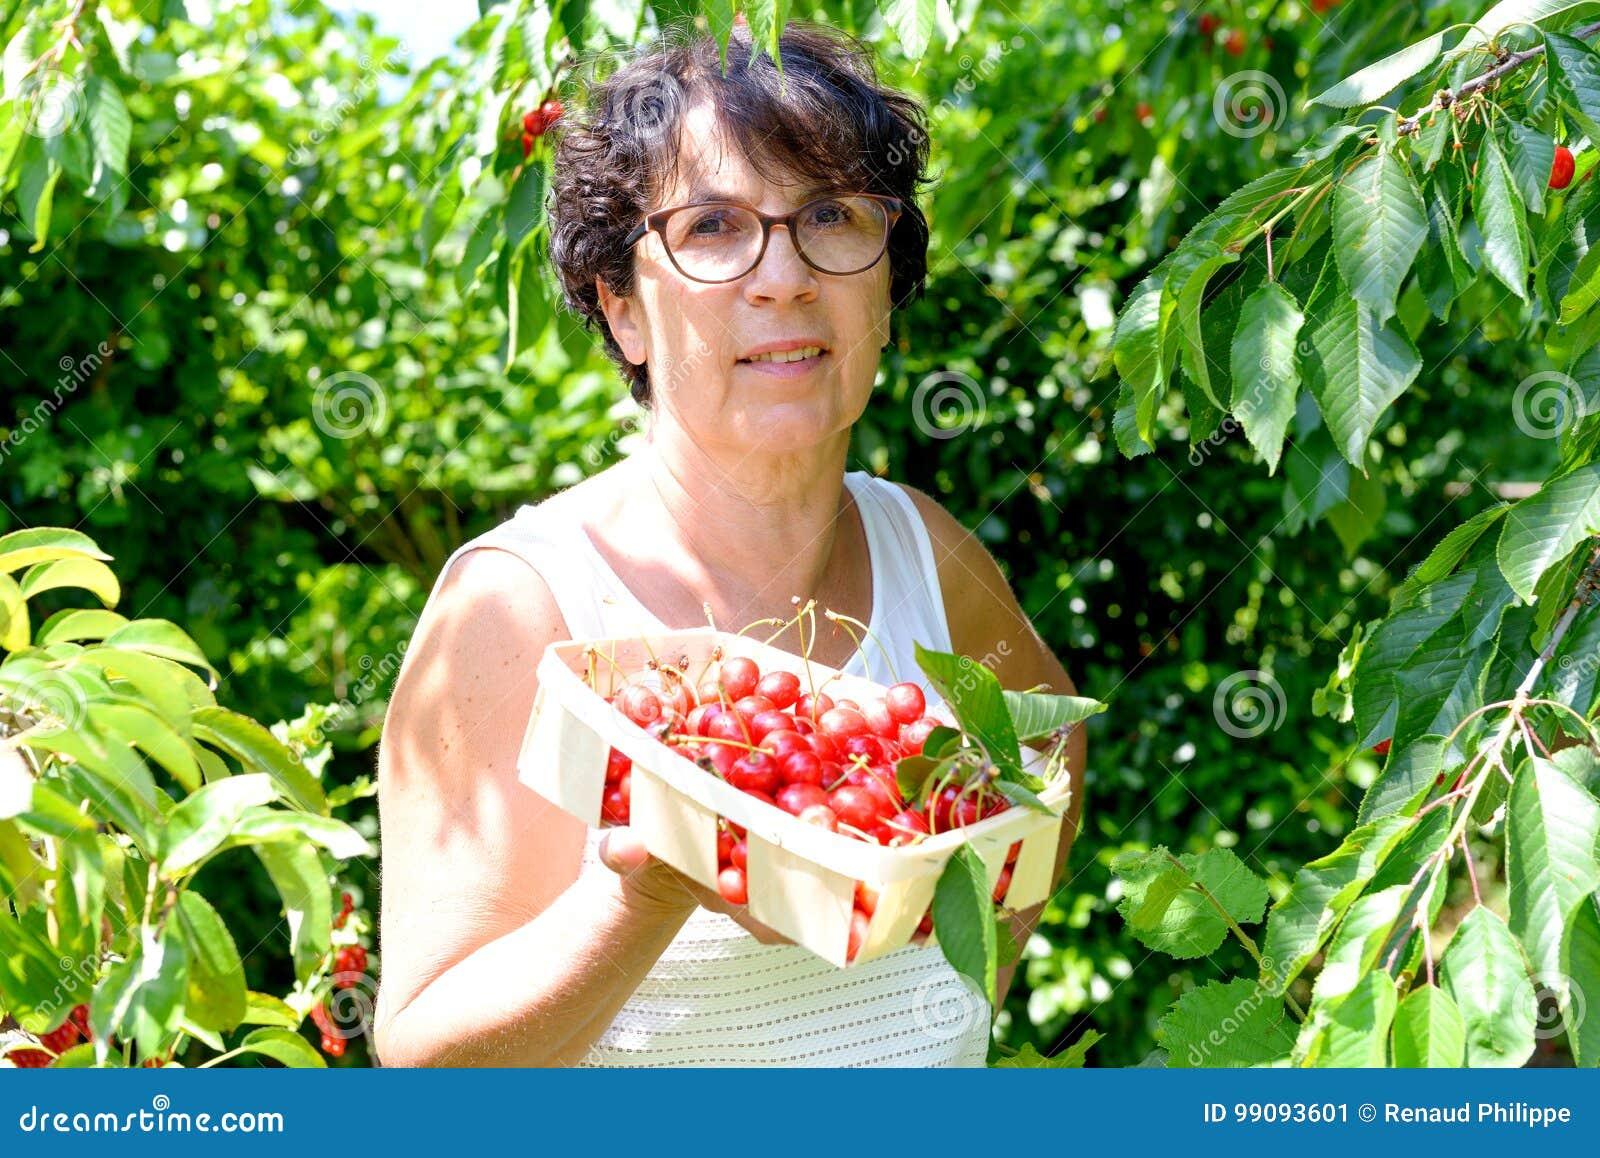 采摘从树的妇女红色樱桃在夏天庭院里